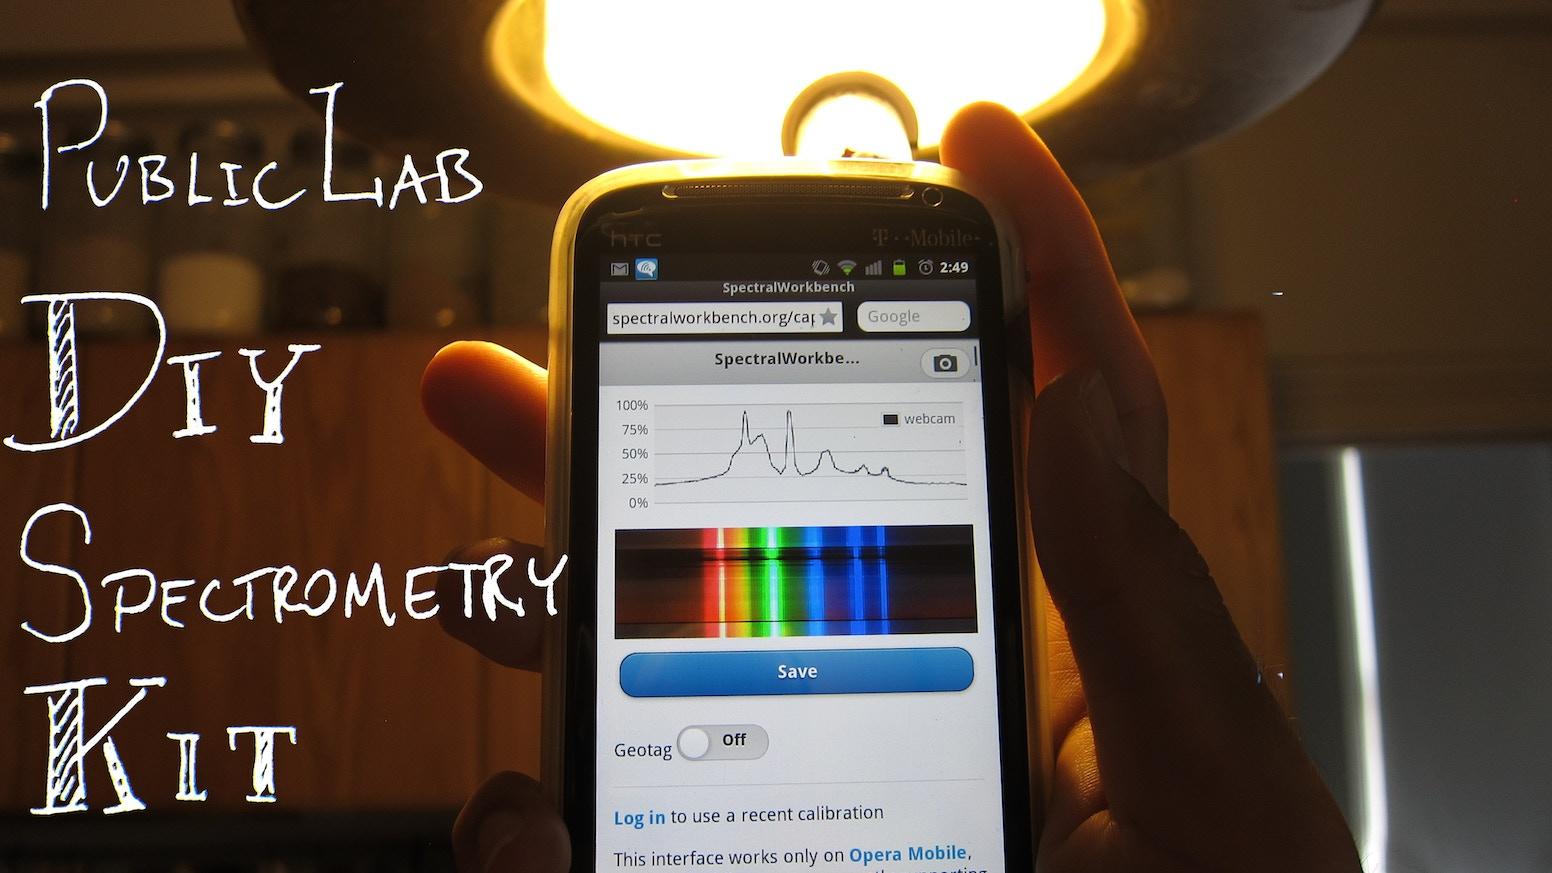 Public Lab DIY Spectrometry Kit by Jeffrey Yoo Warren